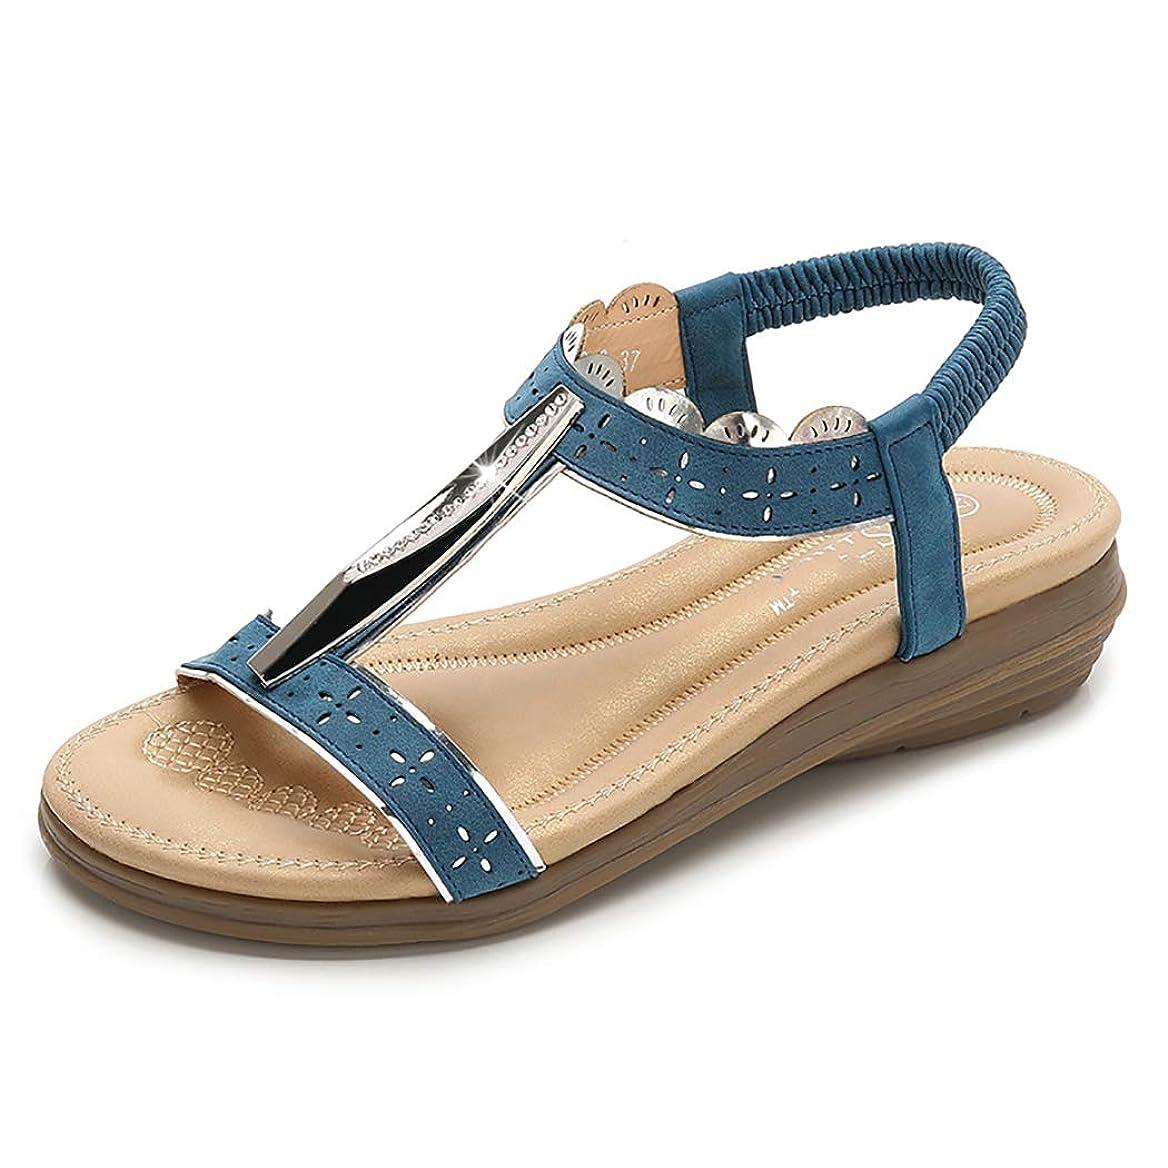 気づく有害あえぎ夏の靴女性サンダルフリップフロップ、カラフルなダイヤモンドの装飾快適なアンチスリップソフトボトムフラット女性スリッパサンダルTストラップサンダル